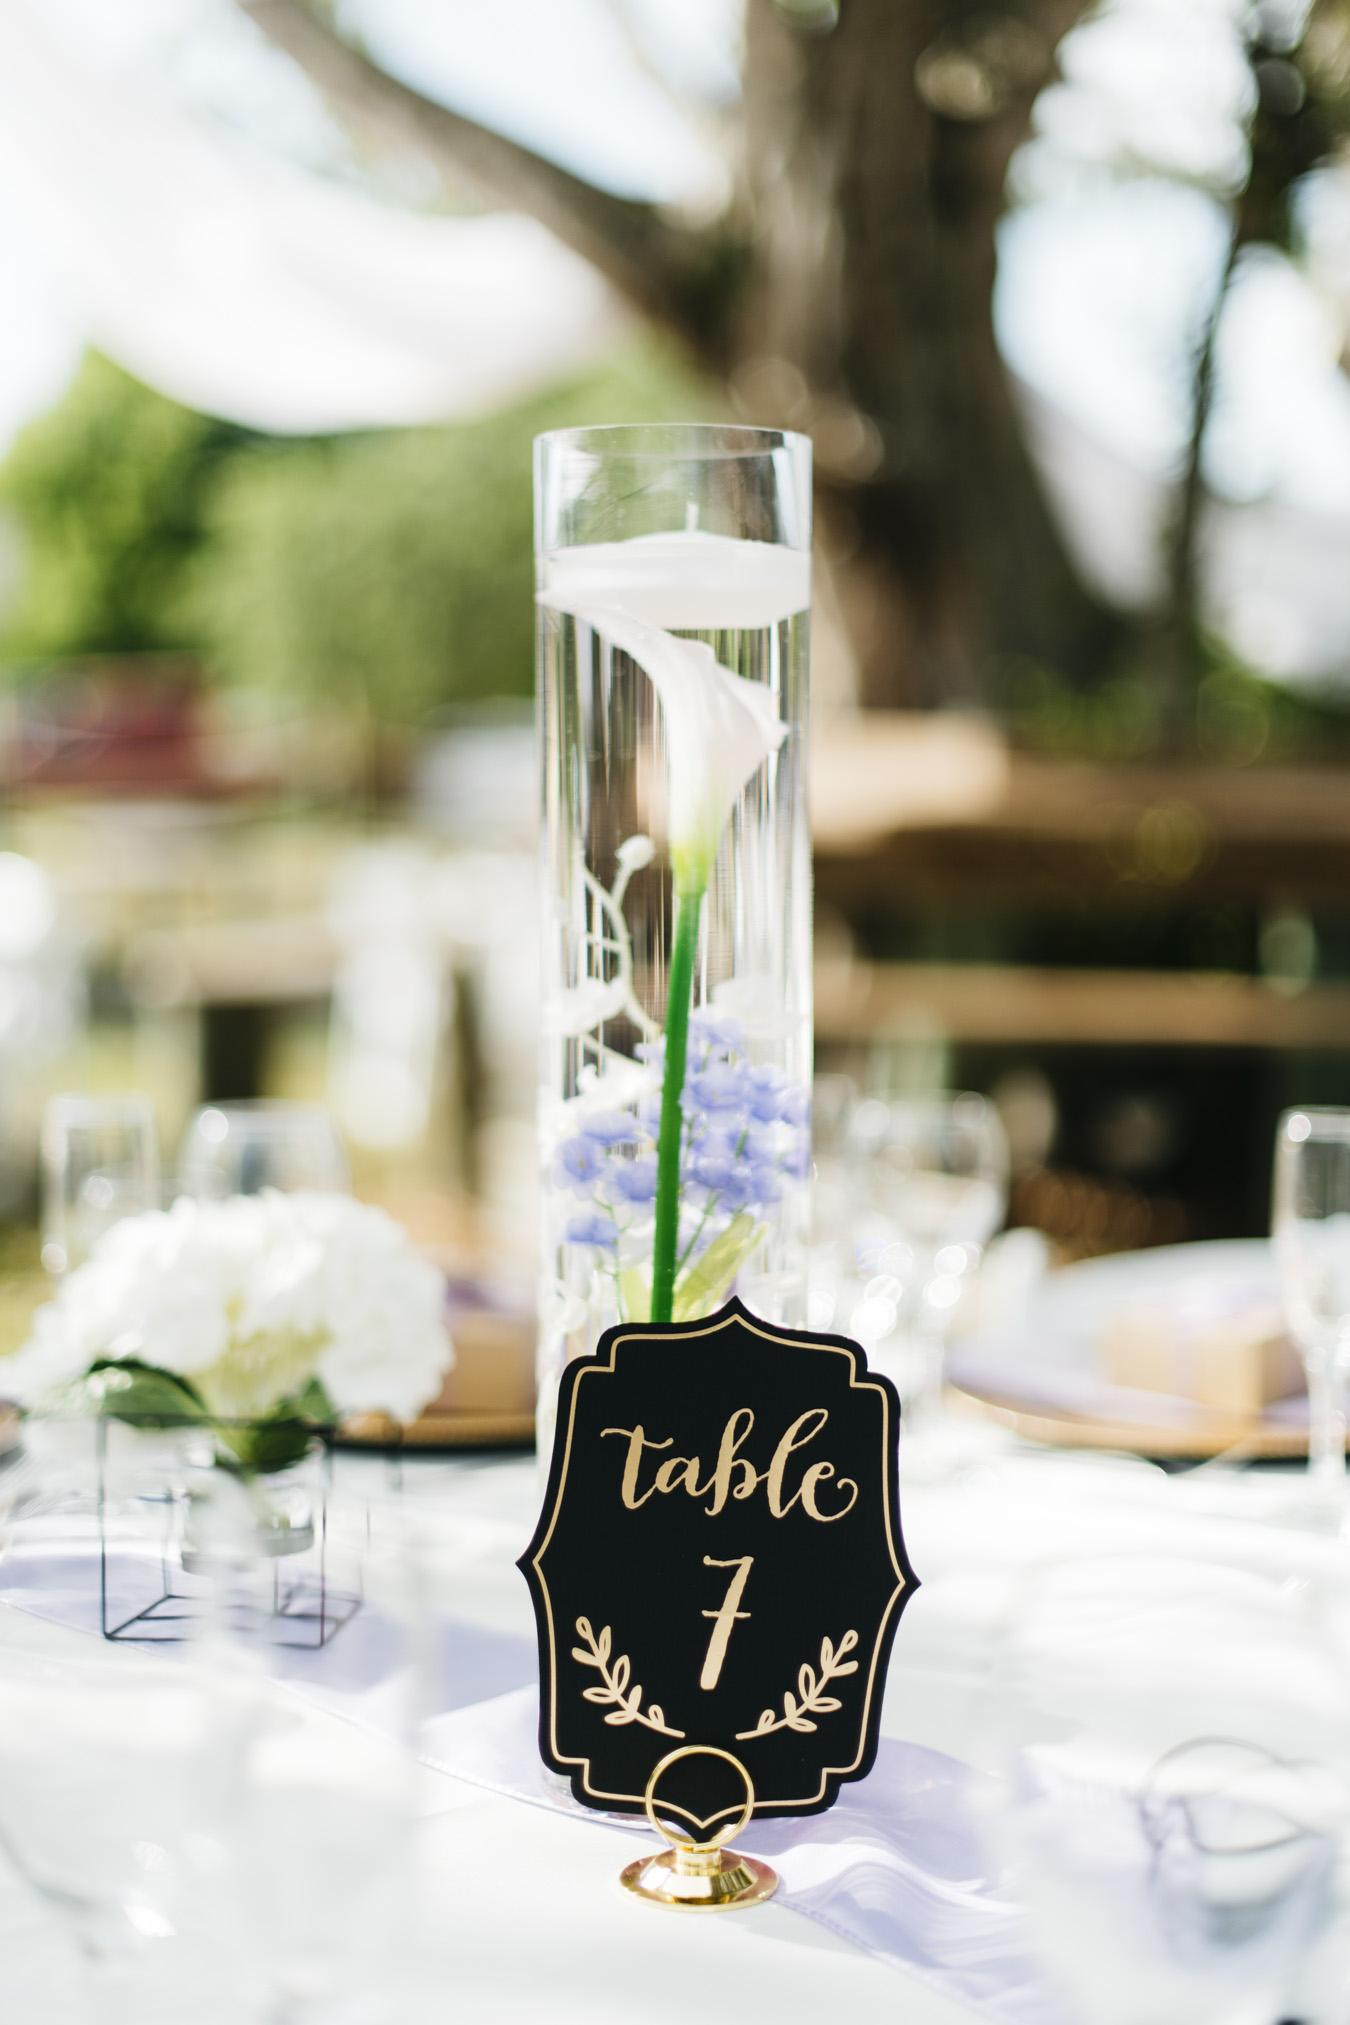 Gino_Jose_Sarasota_FL_Wedding_June_23_2018-9.jpg